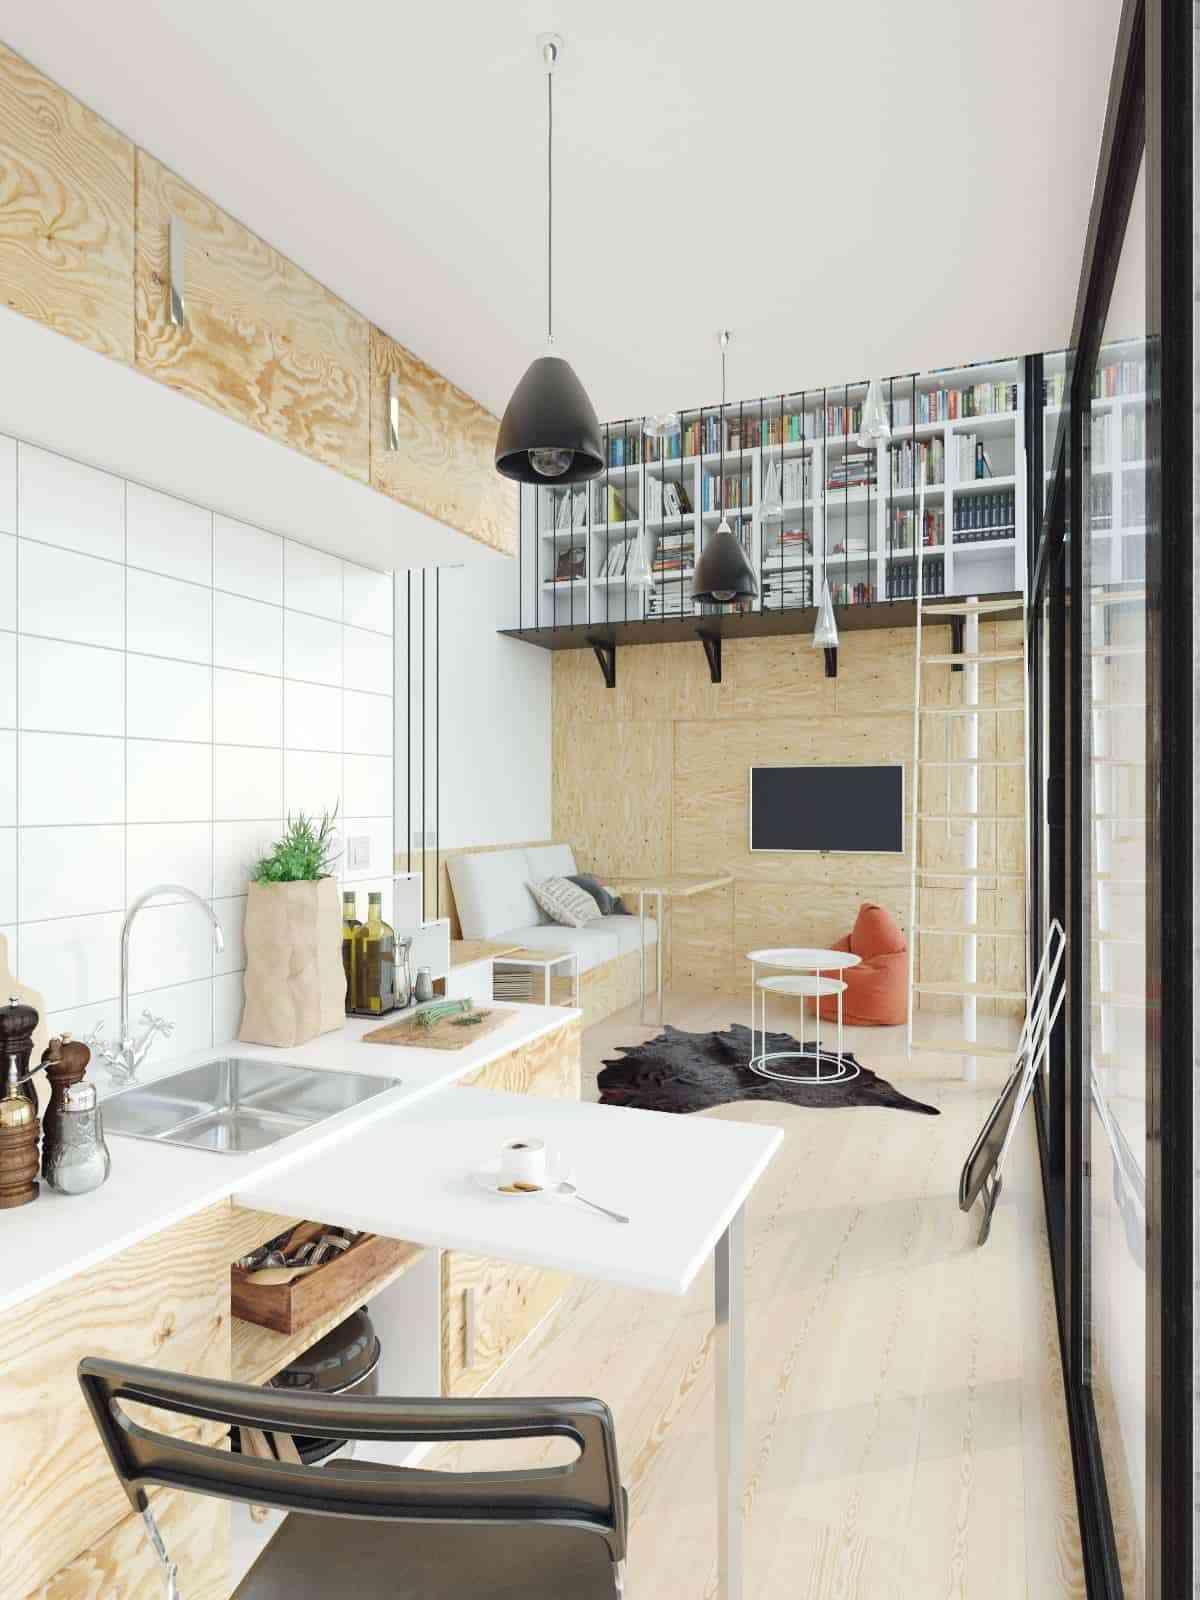 Tủ sách cho phòng khách sang trọng - showroom noi that nhap khau Mezzanine bookcase